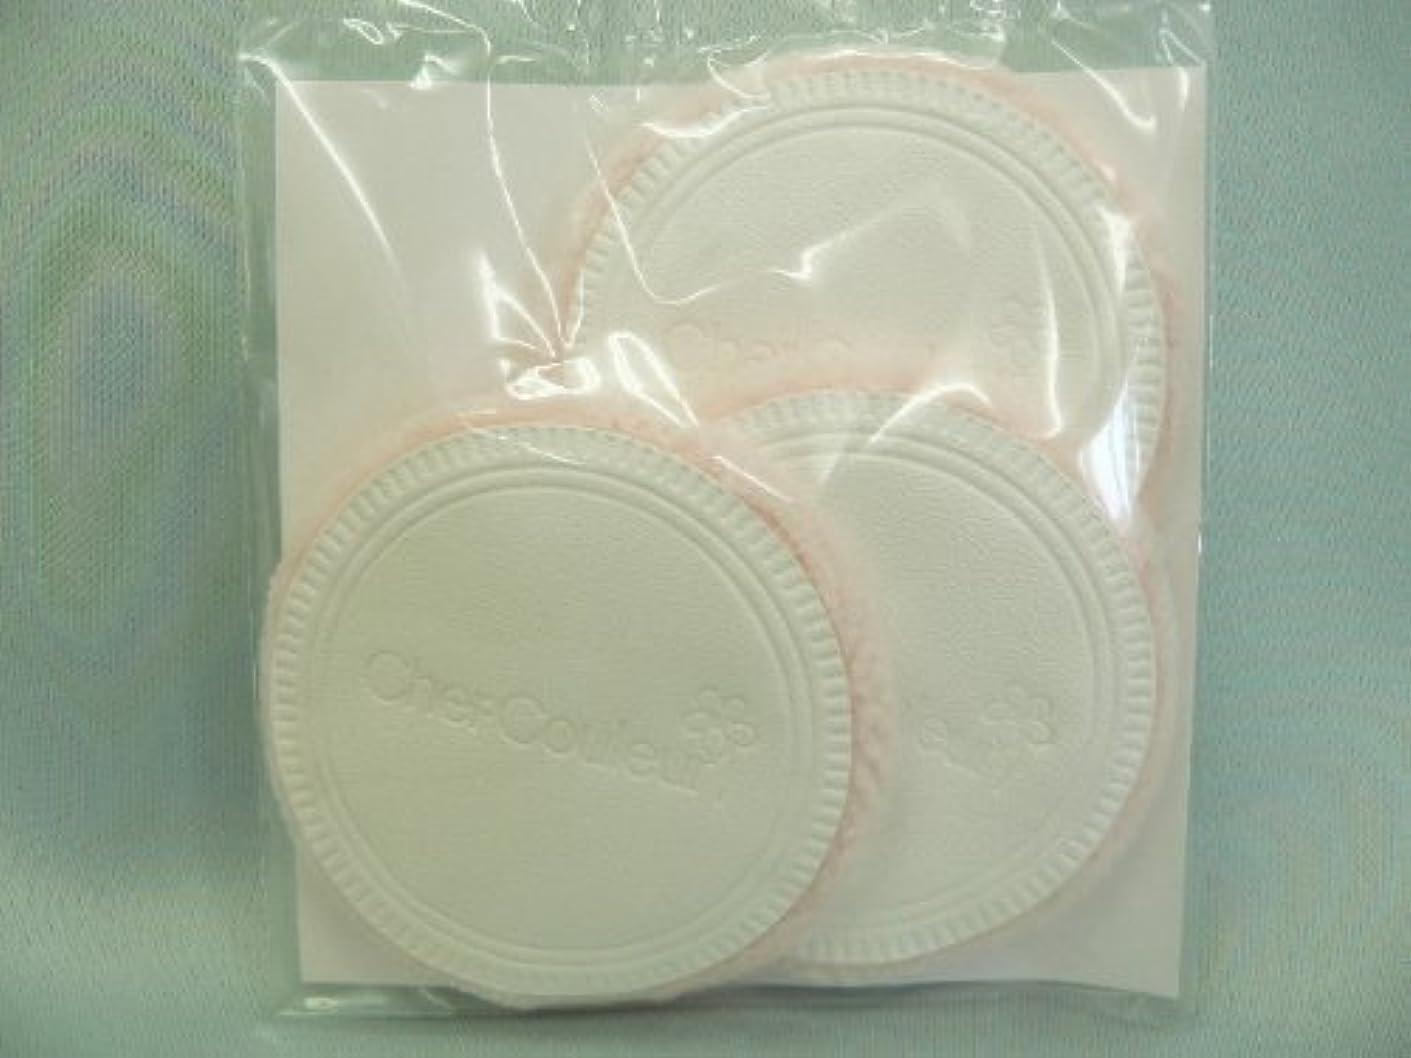 奨励しますミトン管理シェルクルール化粧品プロテクトパウダー専用ケース(パフ付き)